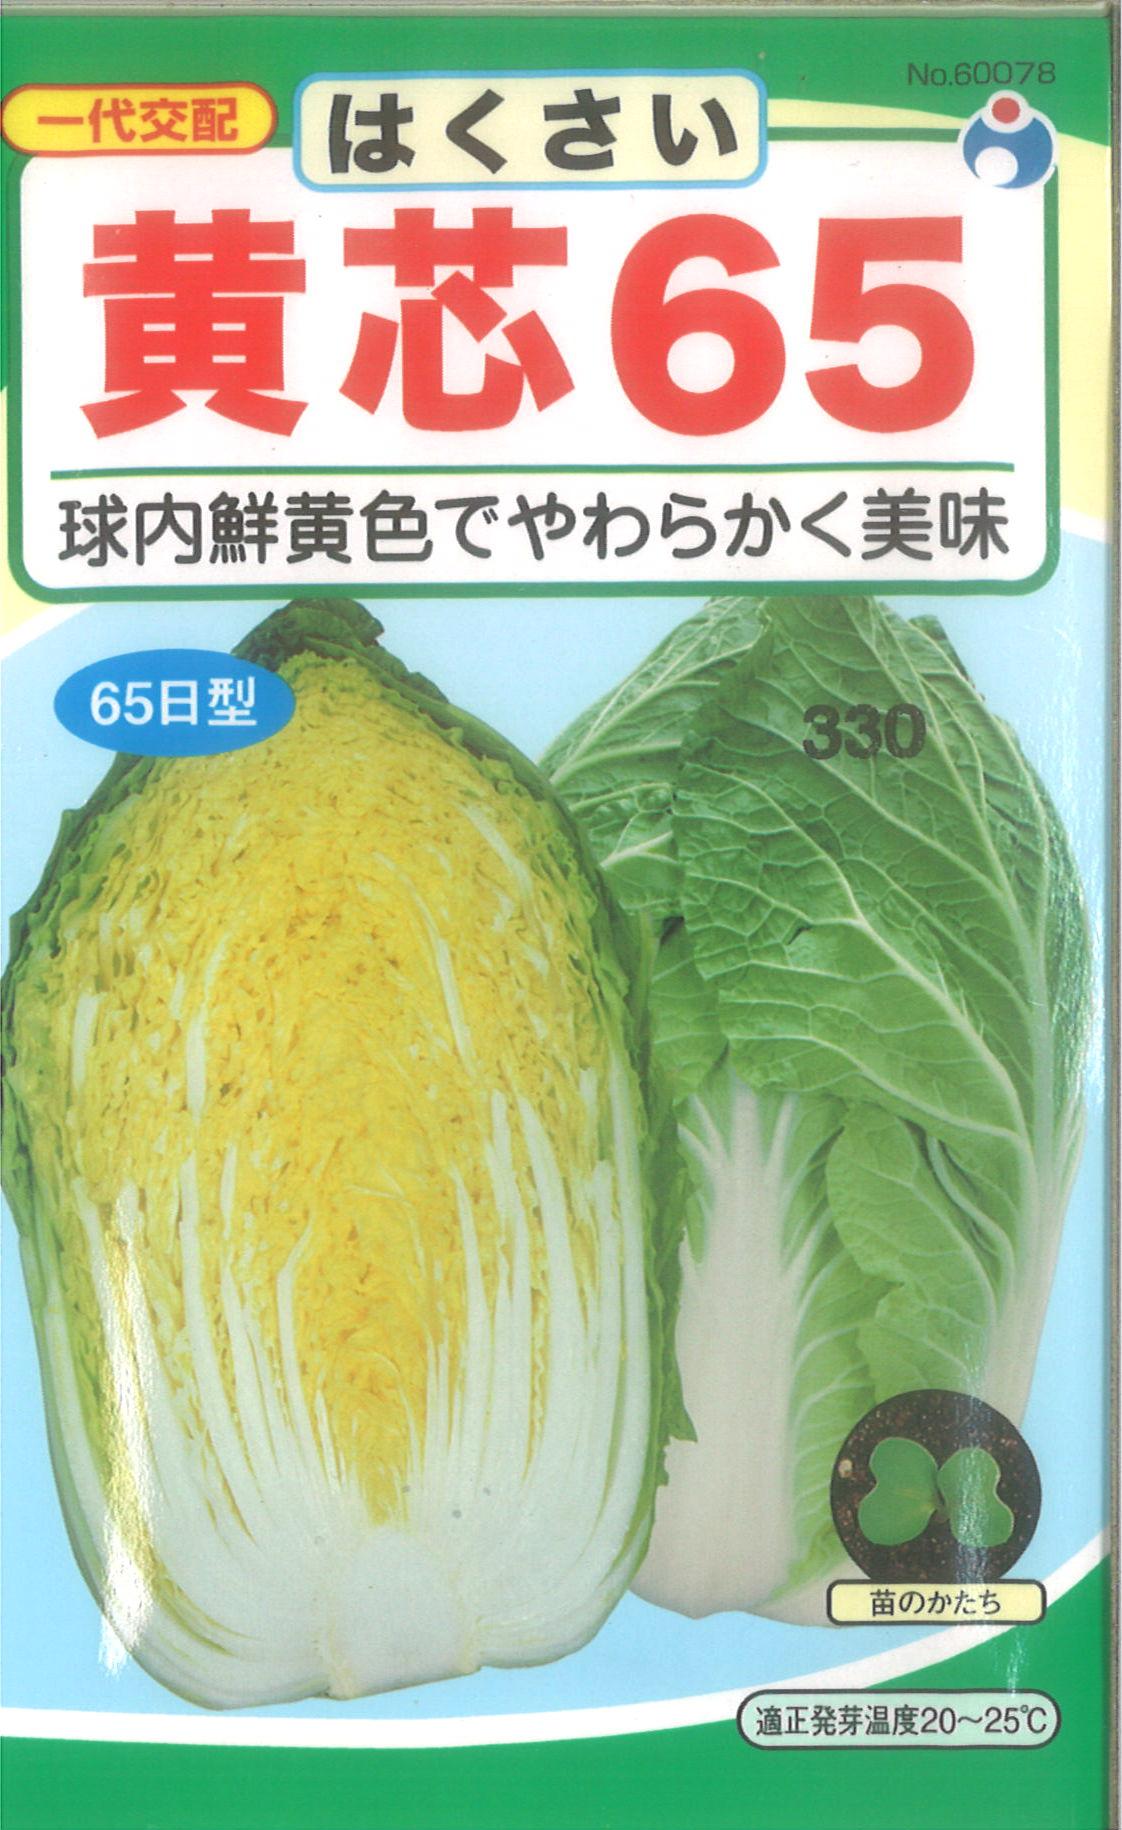 【代引不可】【5袋まで送料80円】 □ ハクサイ 黄芯65